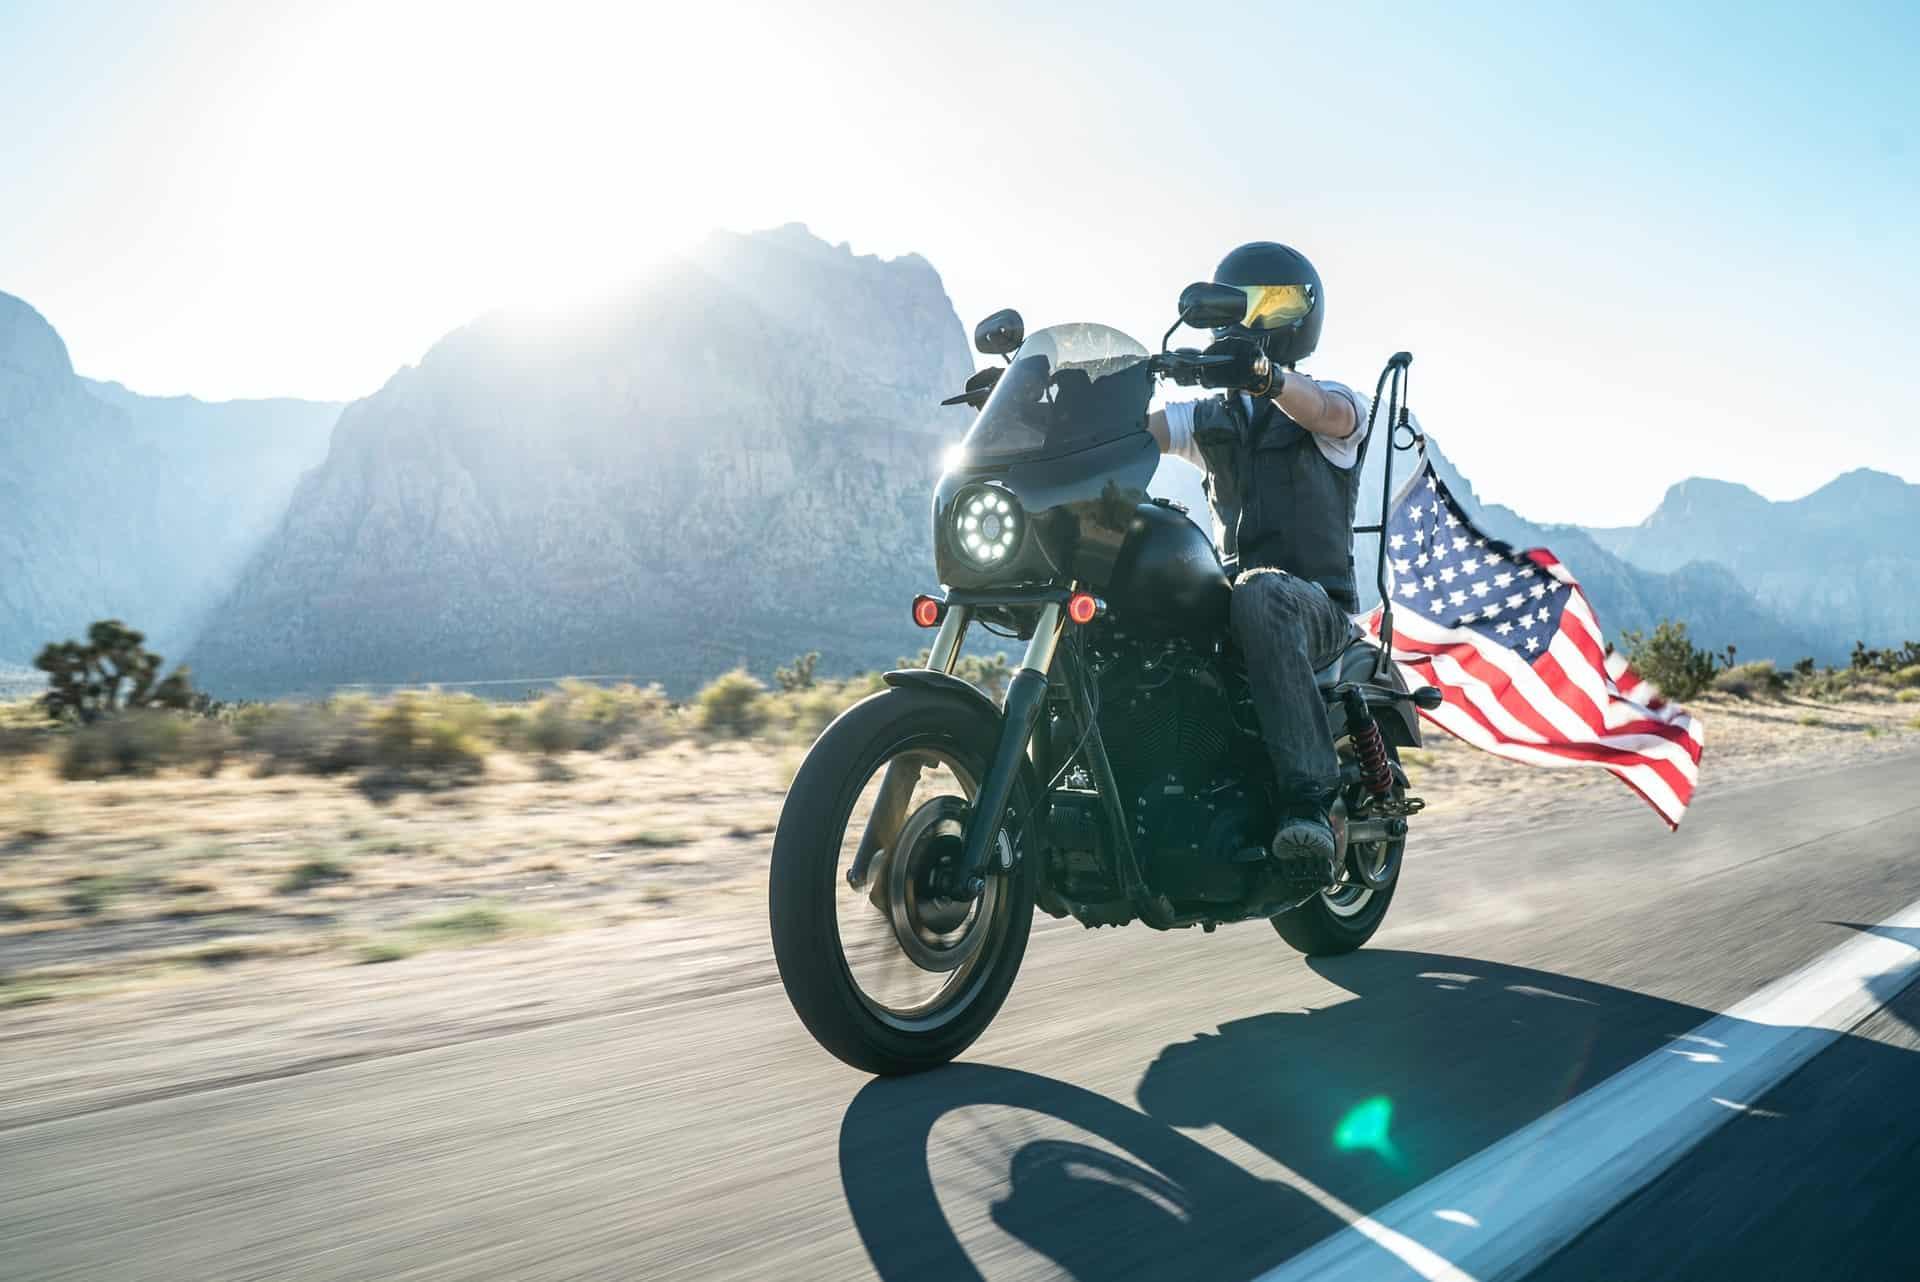 usa flag motorcycle